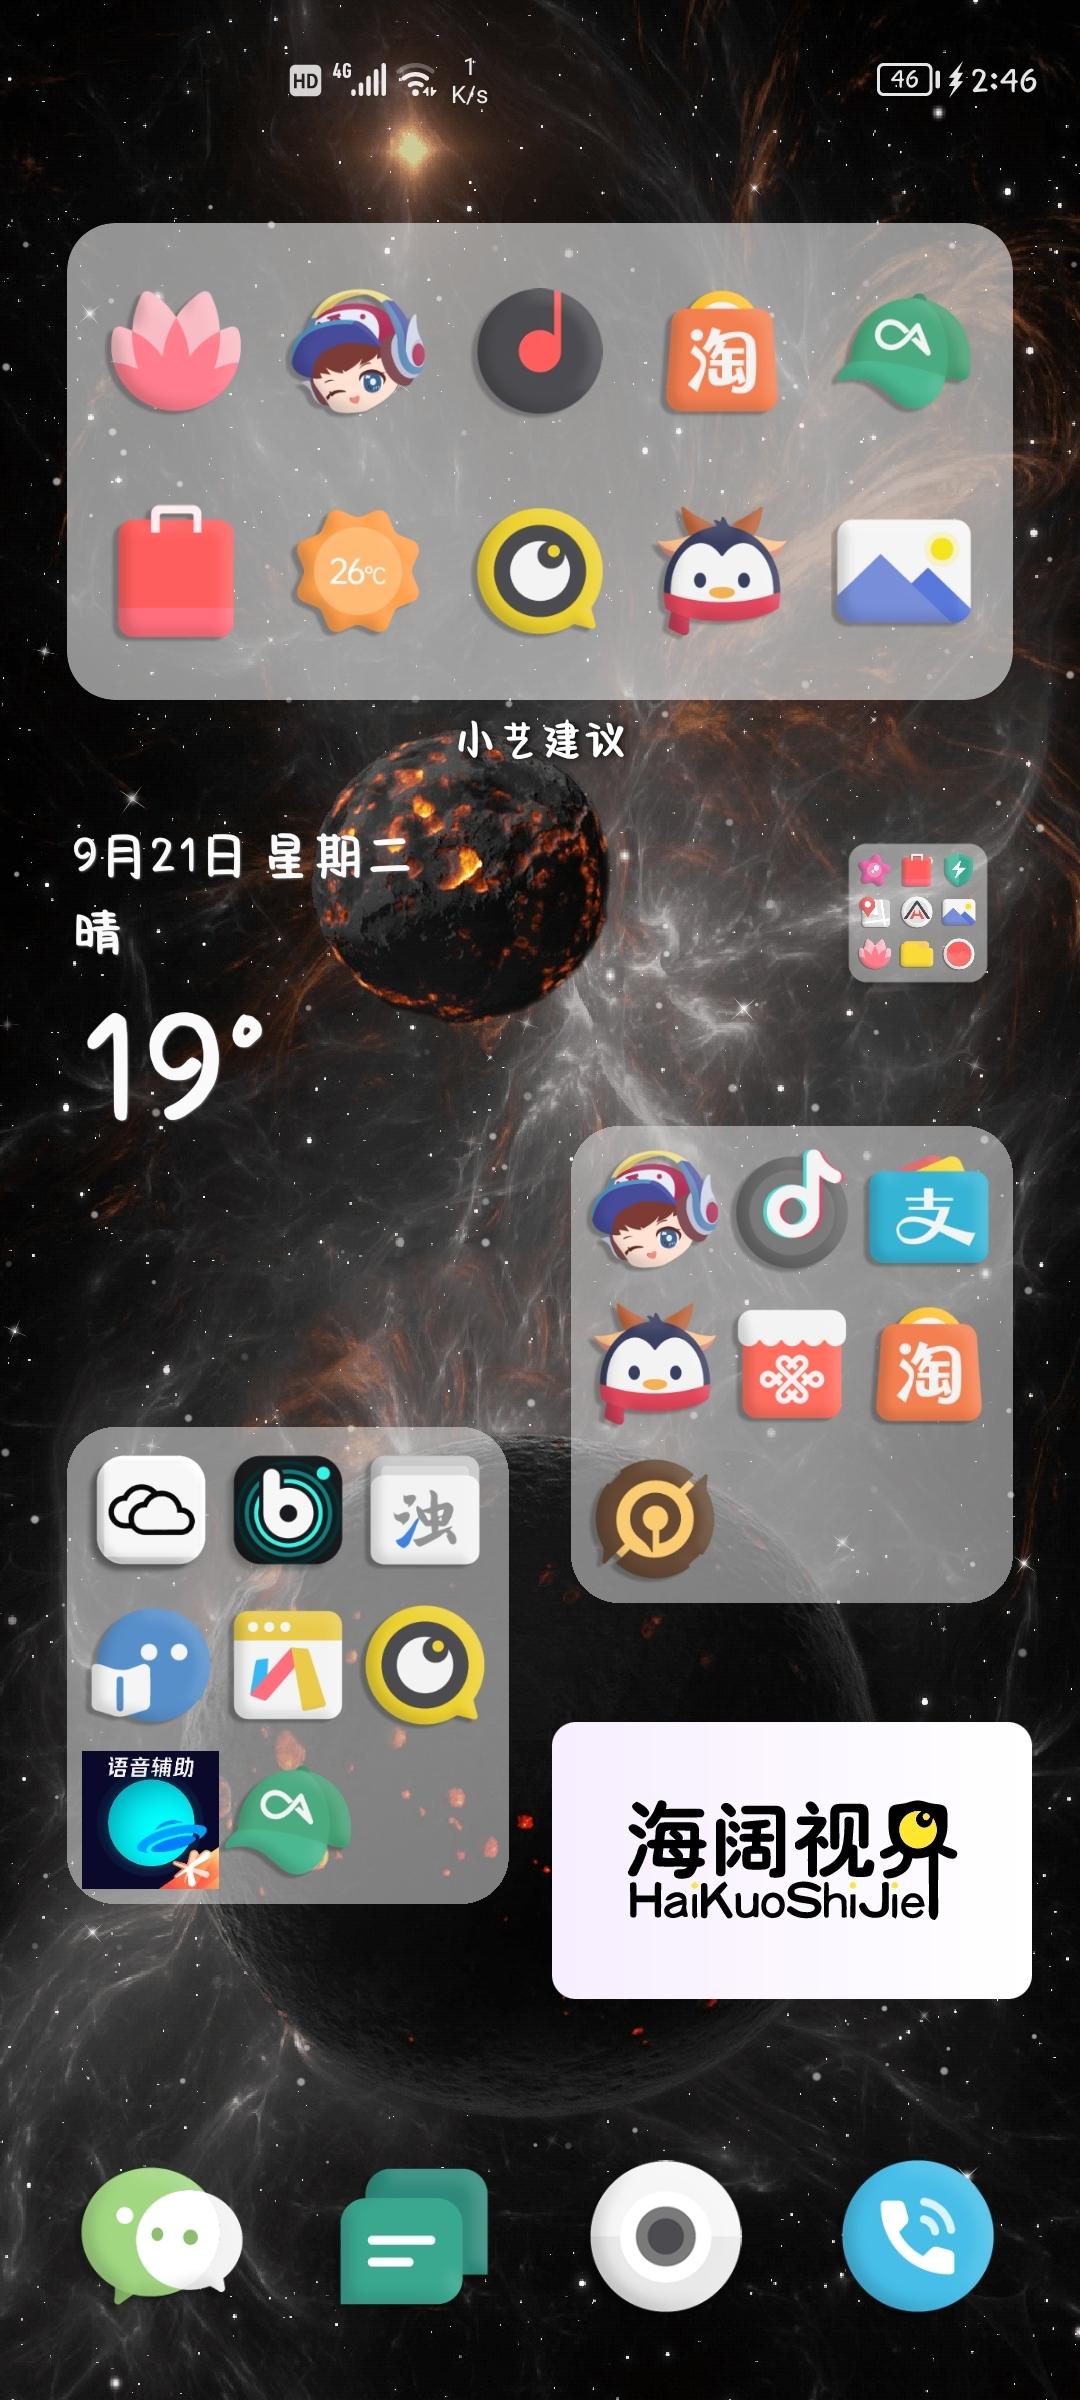 Screenshot_20210921_024621_com.huawei.android.launcher.jpg